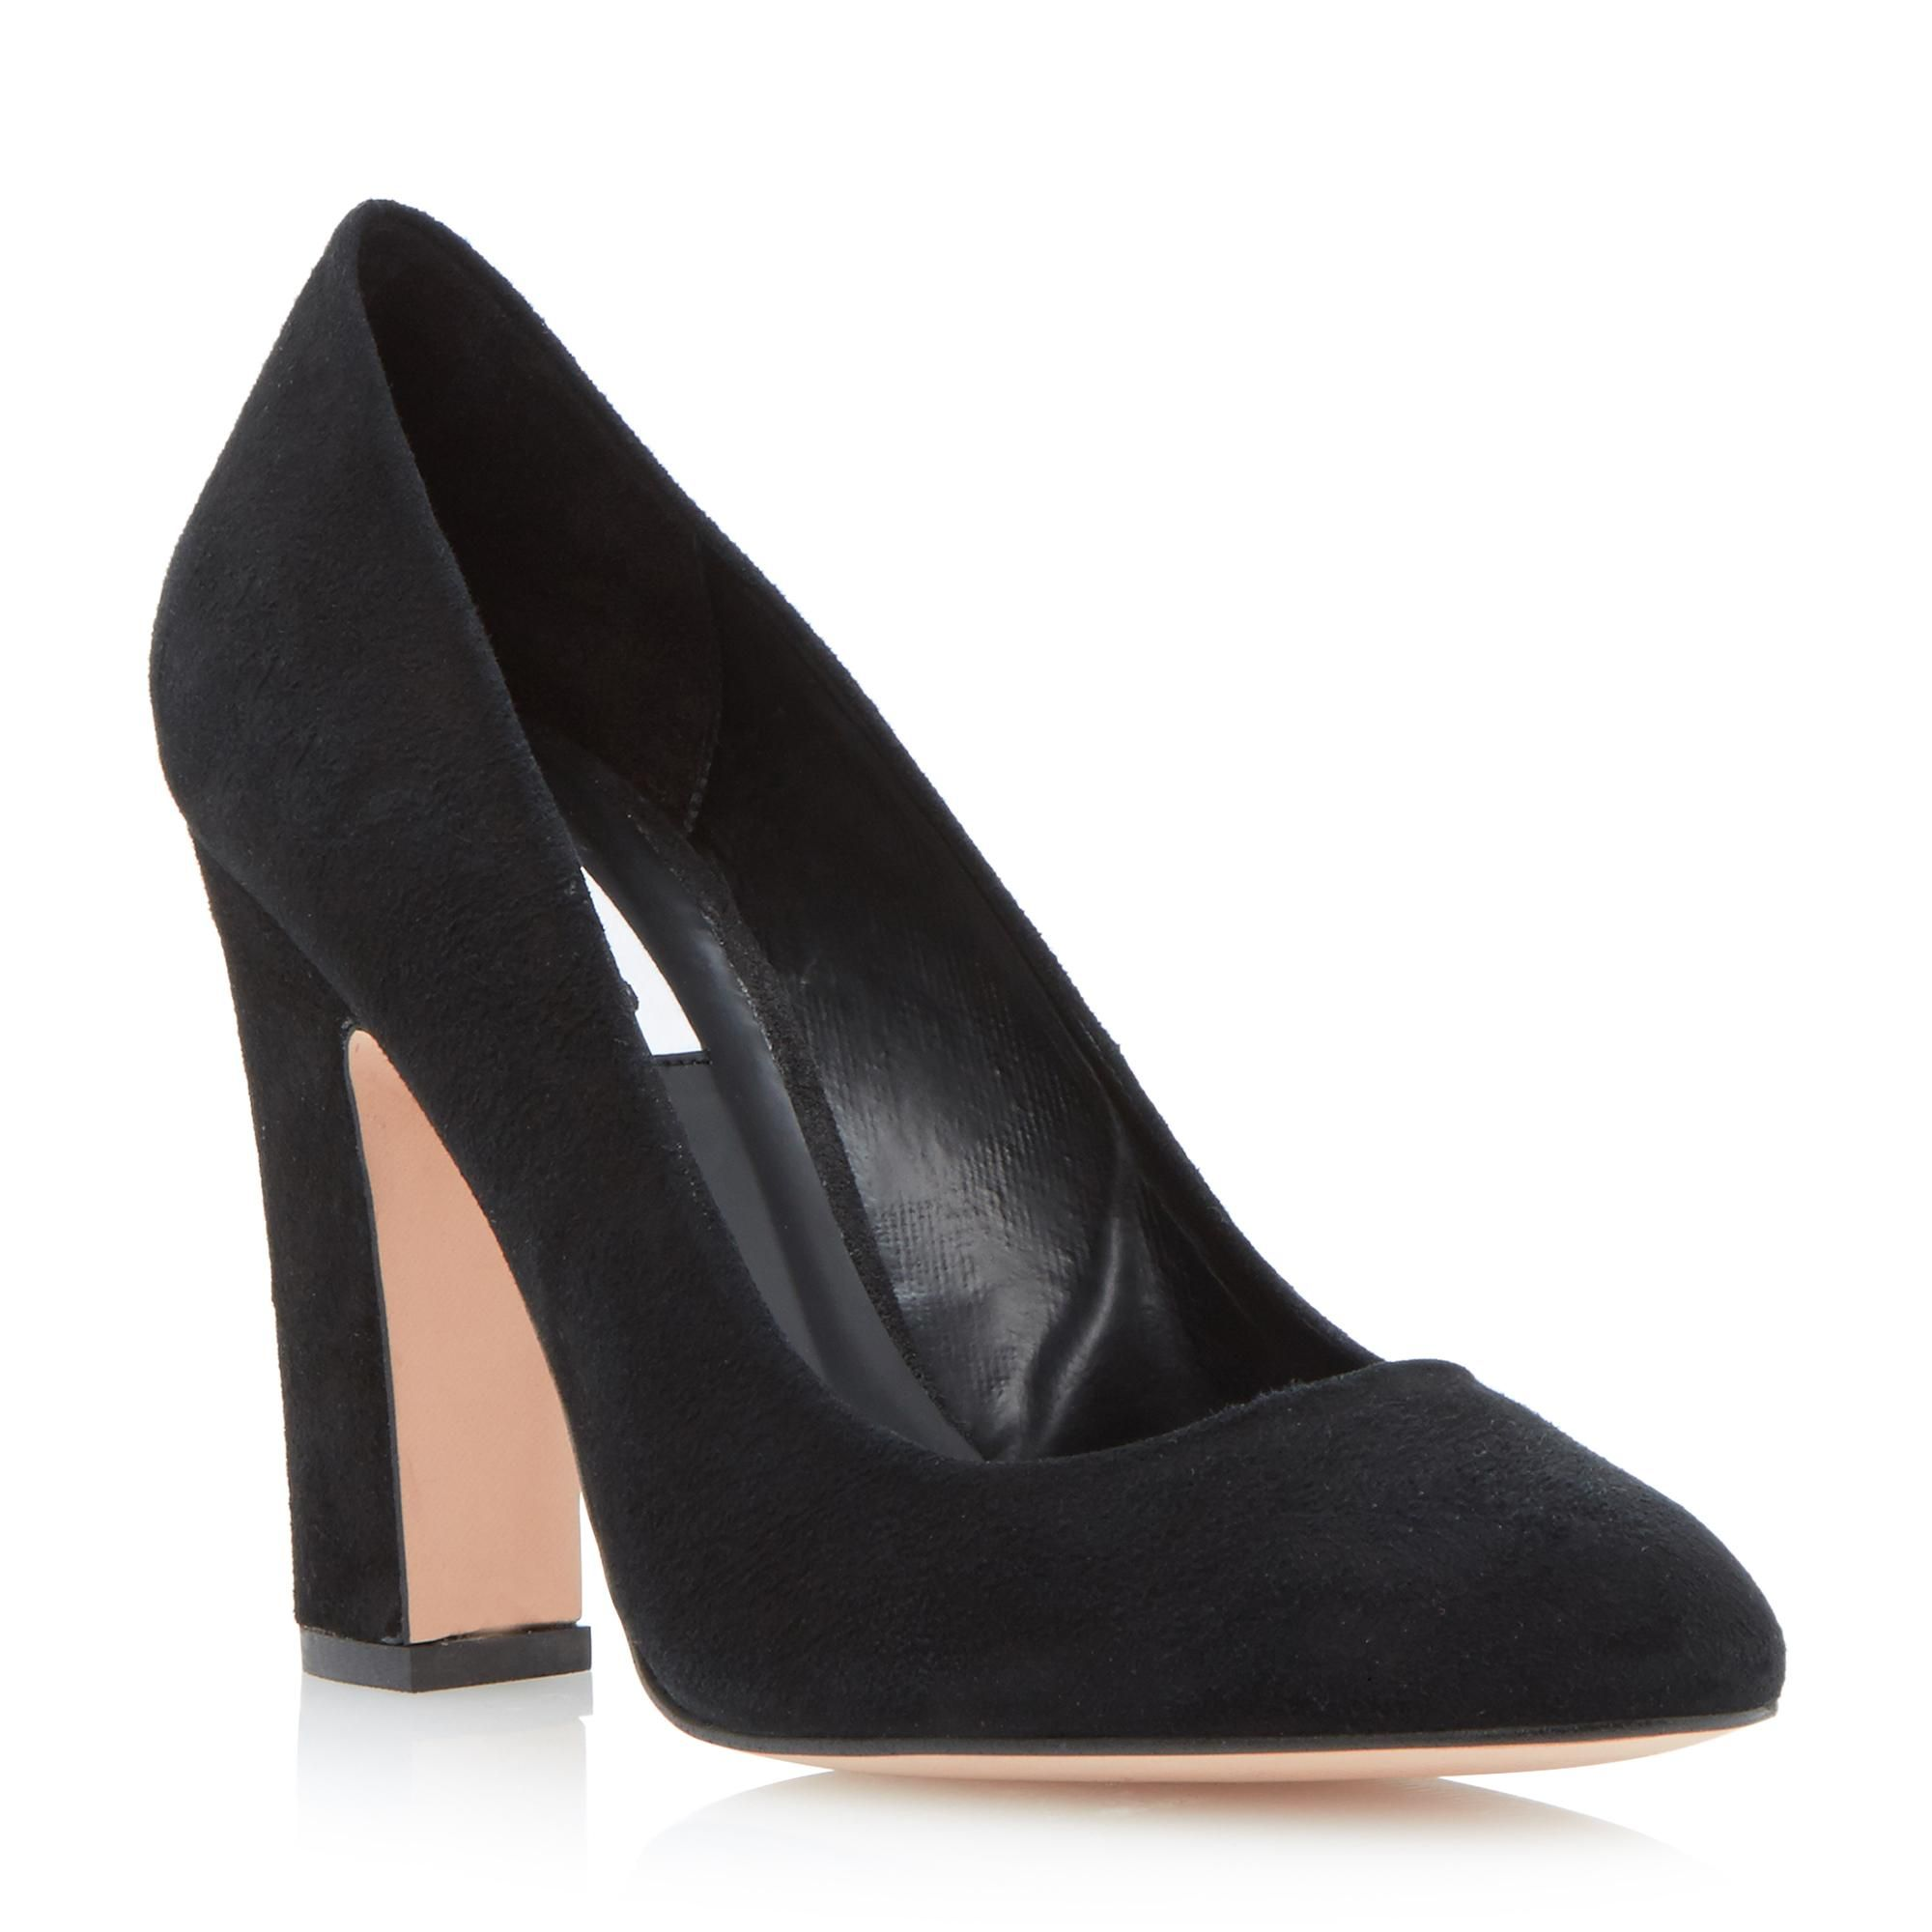 DUNE LADIES AUBREE - Almond Toe Block Heel Court Shoe - black   Dune Shoes  Online